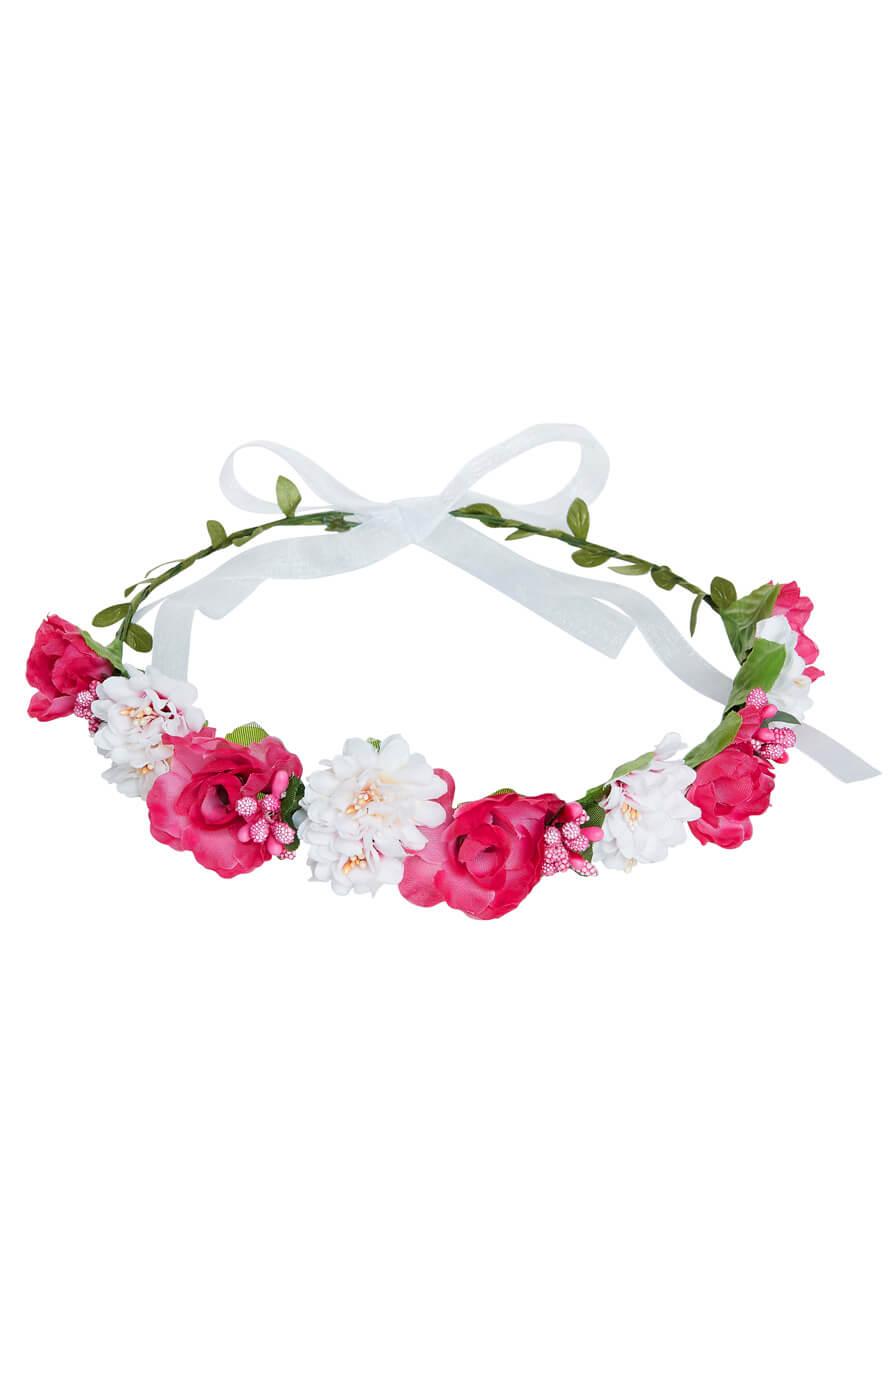 weitere Bilder von Hair- and Hat accessories 26001 pink